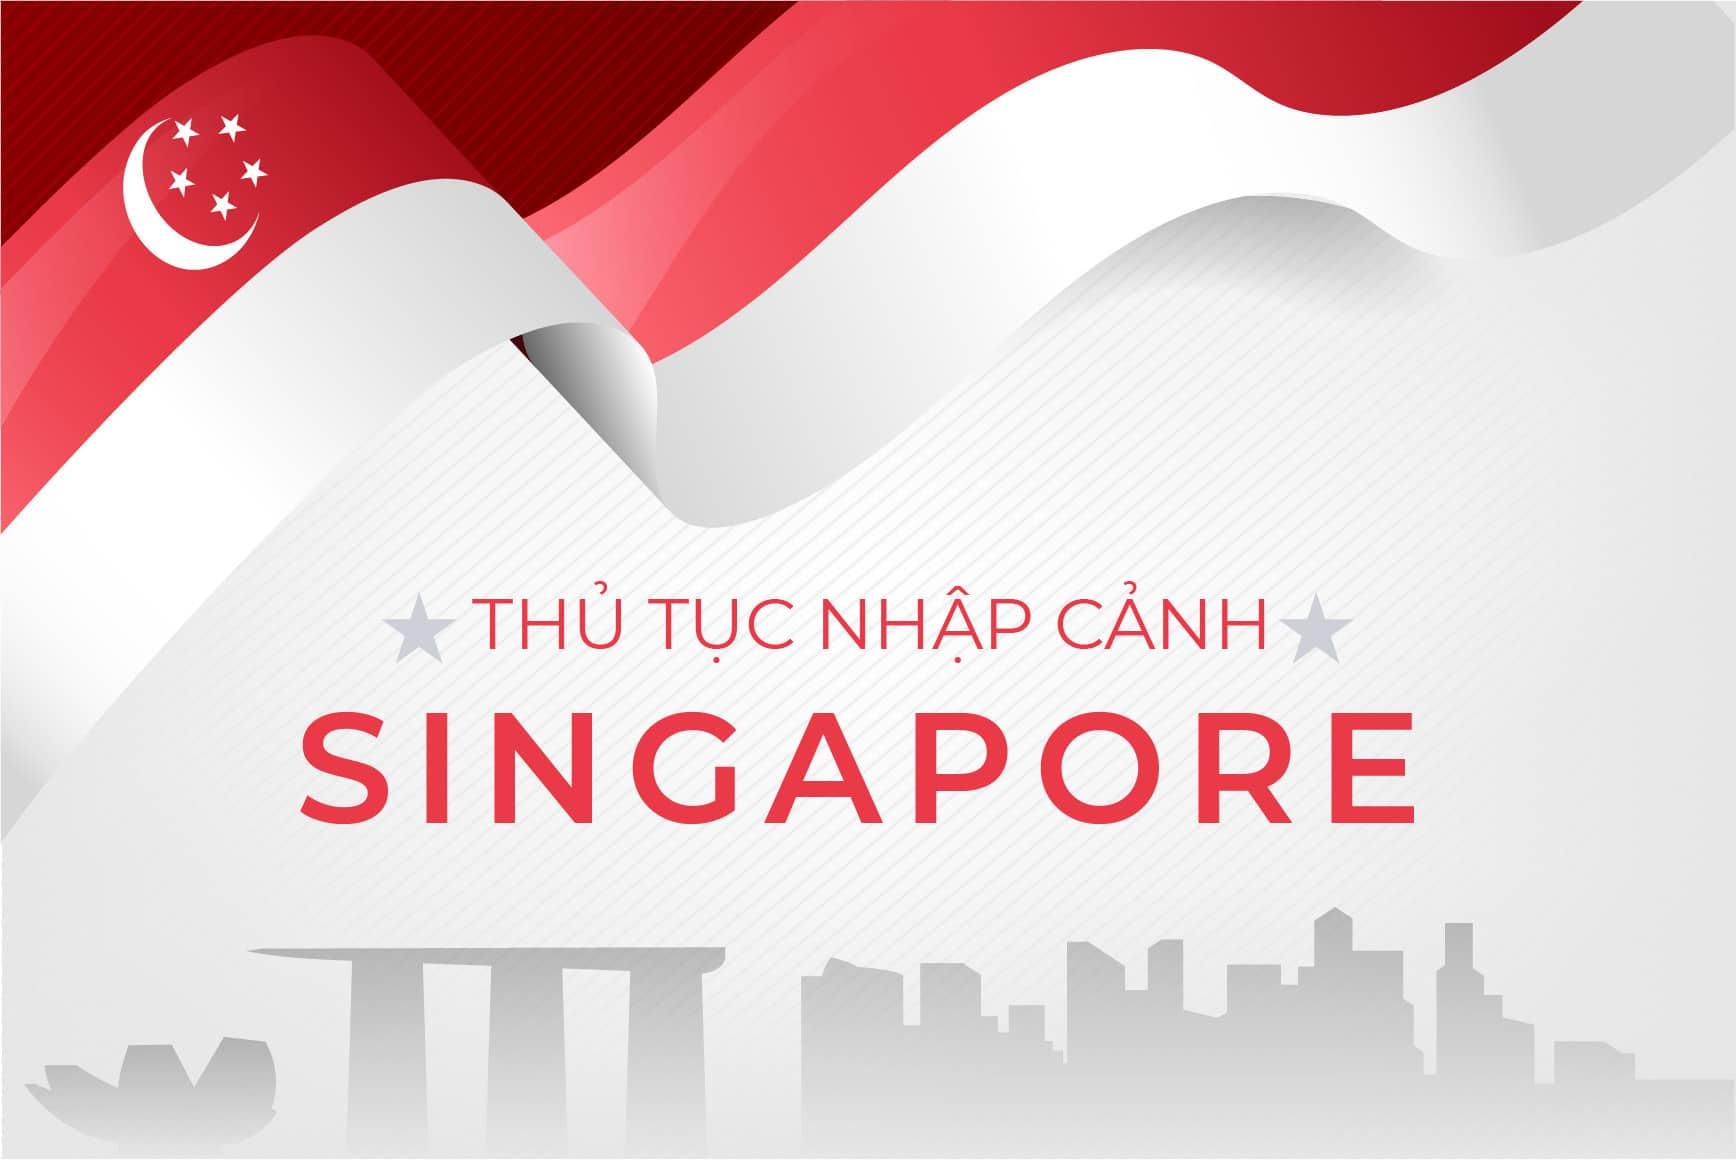 THÔNG TIN NHẬP CẢNH BỔ SUNG CỦA SINGAPORE